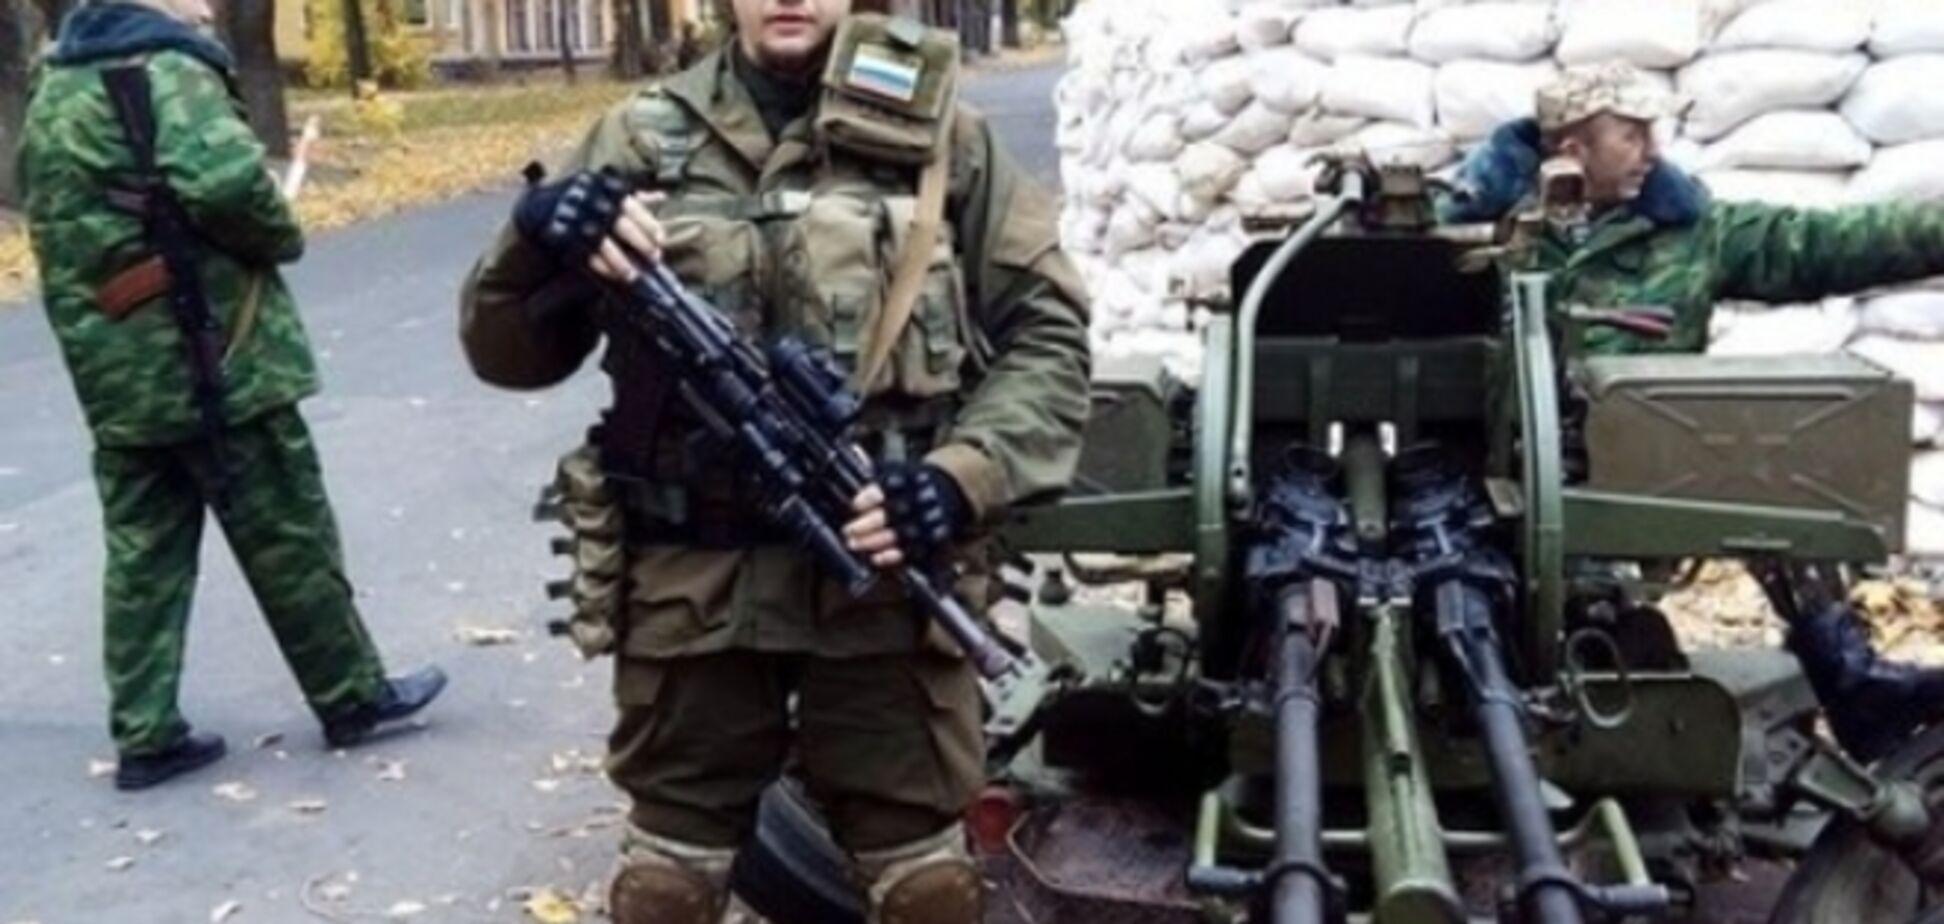 Обладатель кубка Кости Цзю 'Железный мальчик' погиб под Дебальцево, защищая 'ДНР': фото и видео